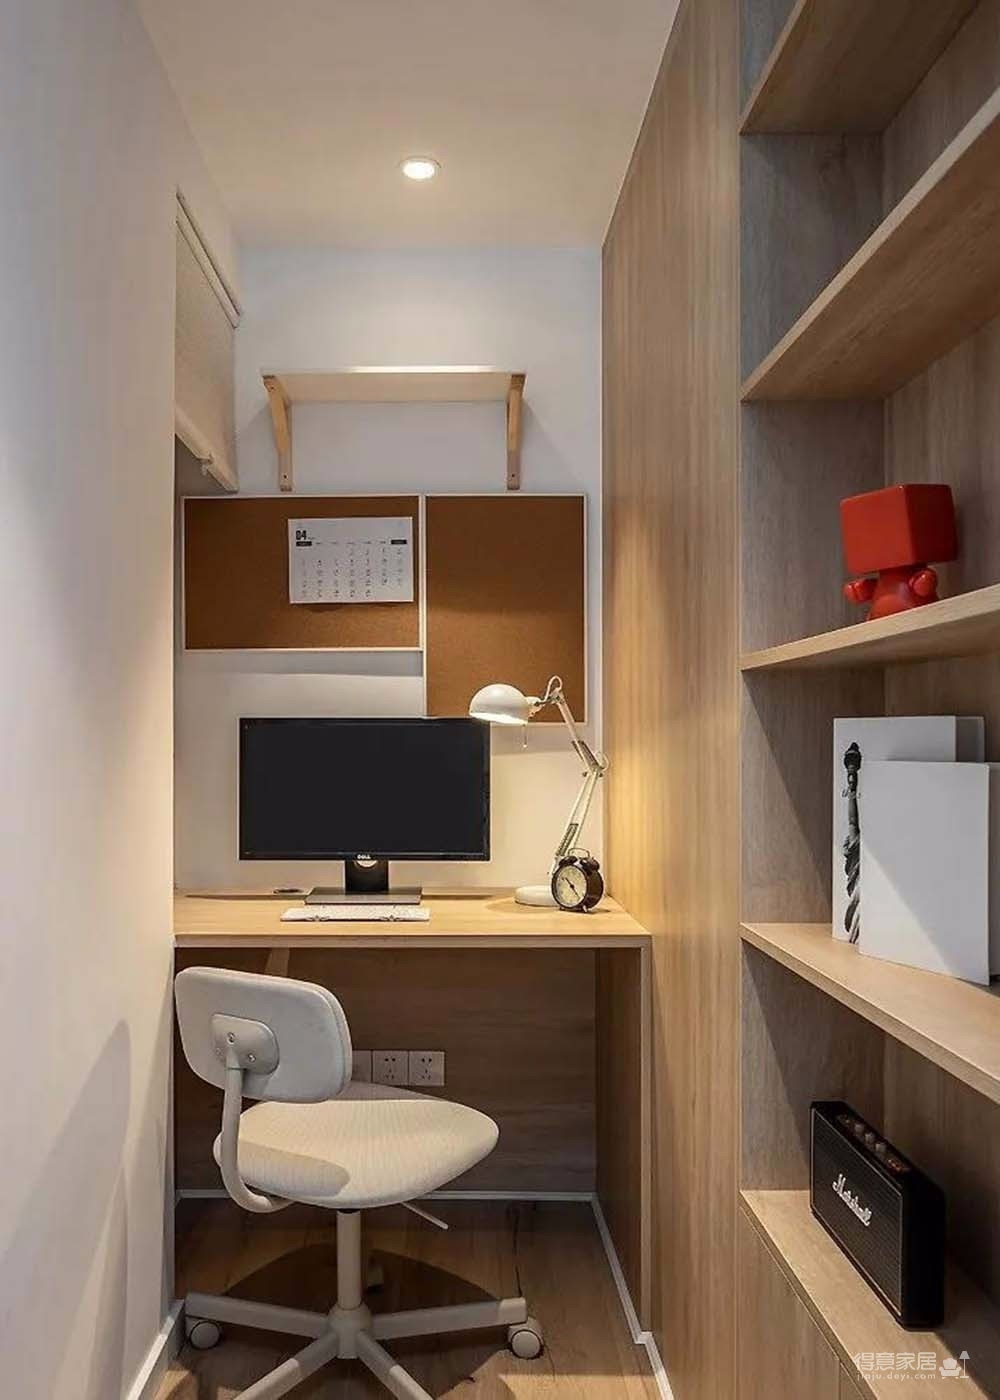 60㎡舒适北欧风格新房装修,餐厨区太棒了